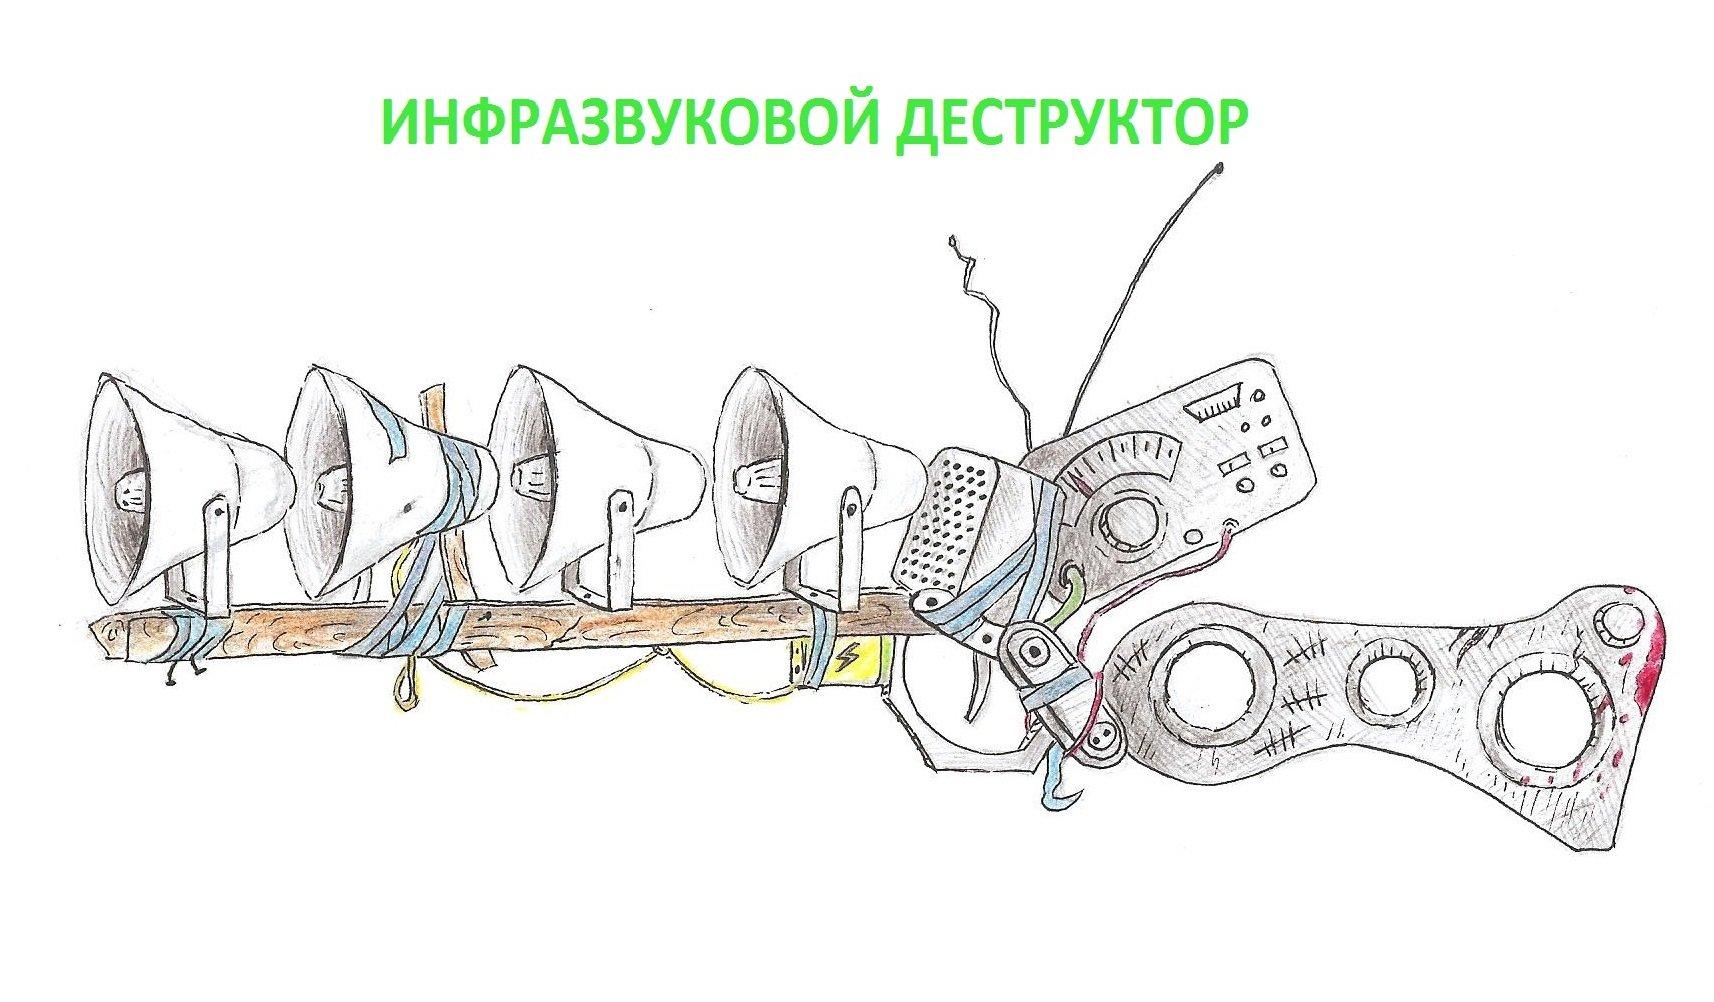 ИНФРАЗВУКОВОЙ ДЕСТРУКТОР - Изображение 1